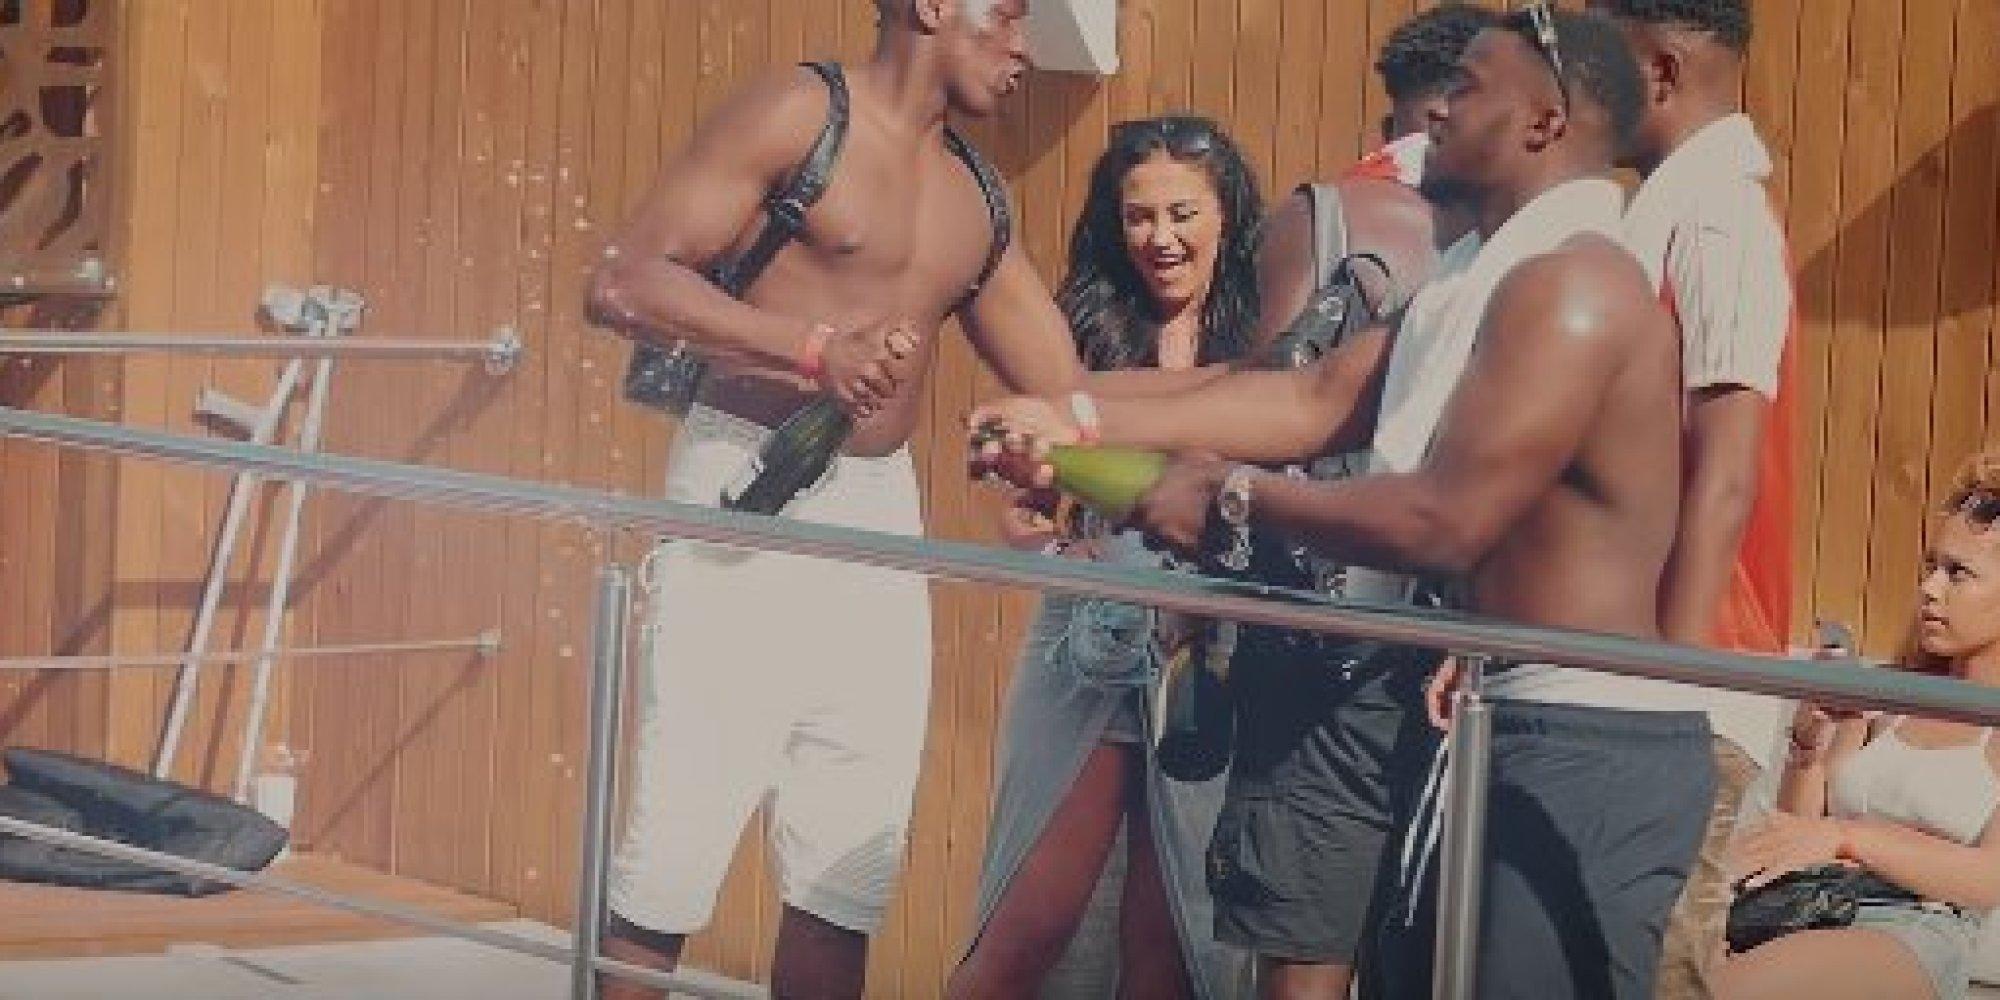 Mariage annulé, alcool et string Victoria\u0027s Secret Le clip tourné à  Marrakech qui agite Twitter